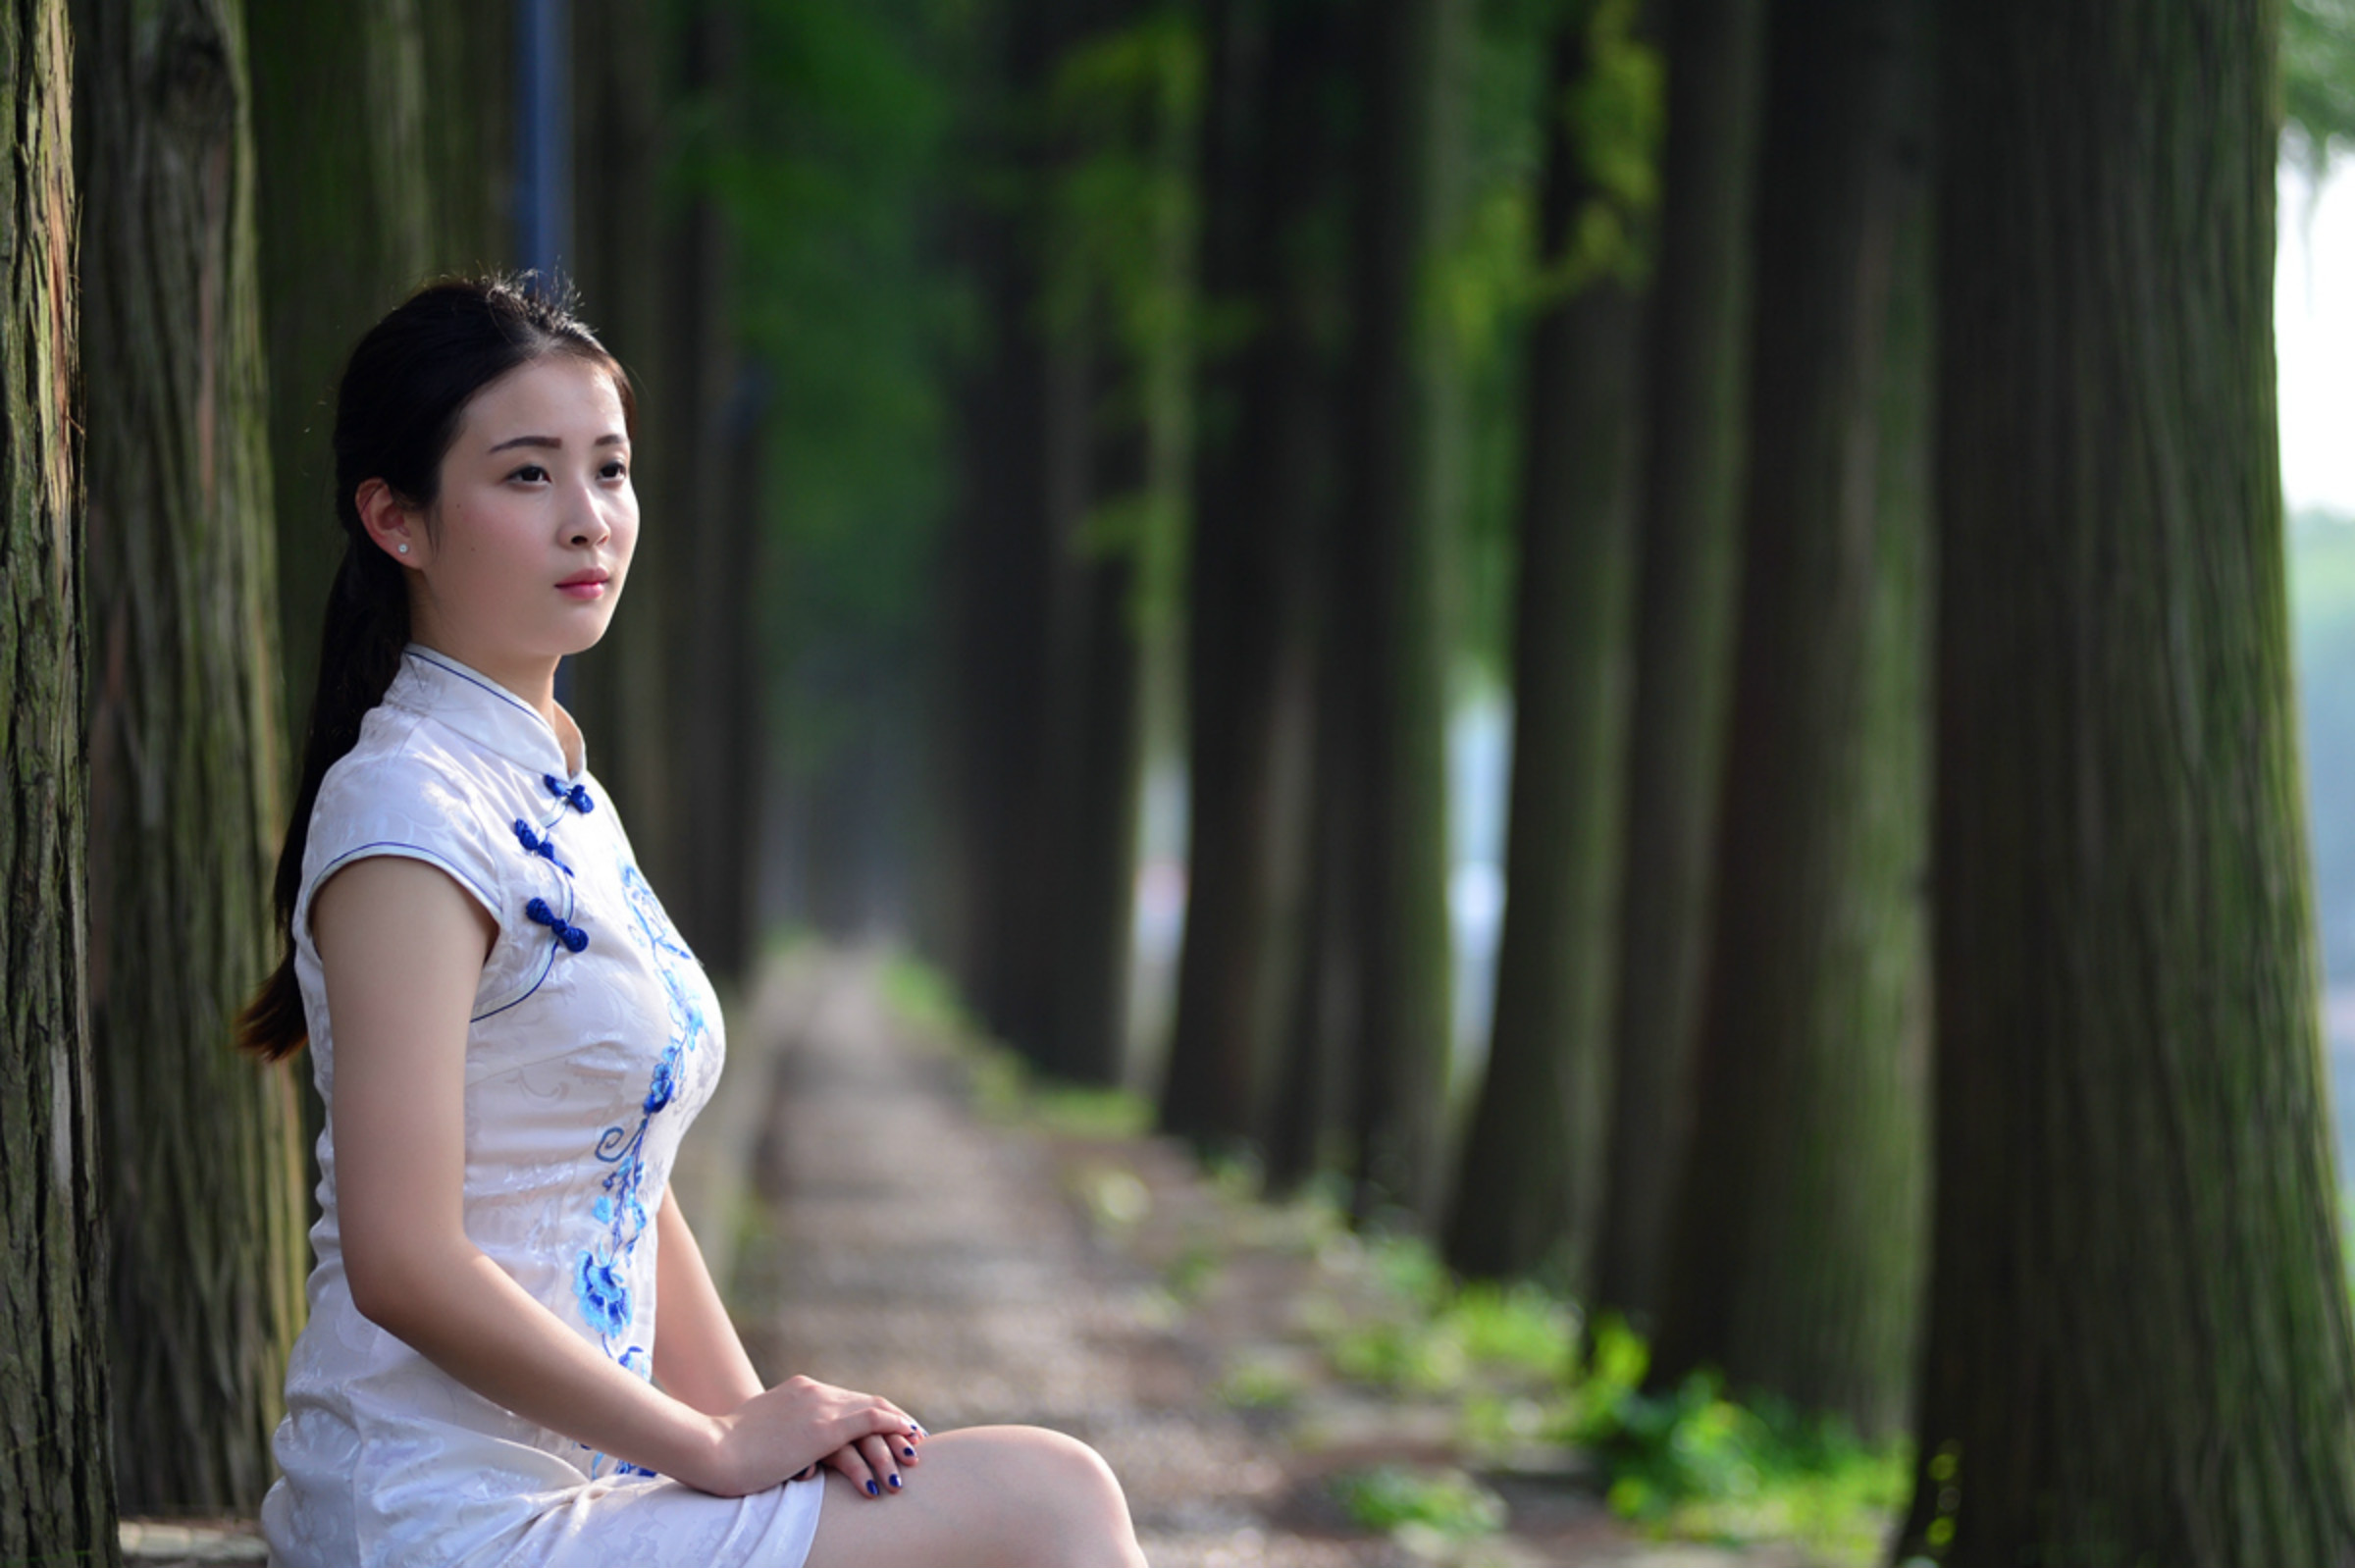 旗袍佳人 优雅芬芳 - 春色满园 - 春色满园